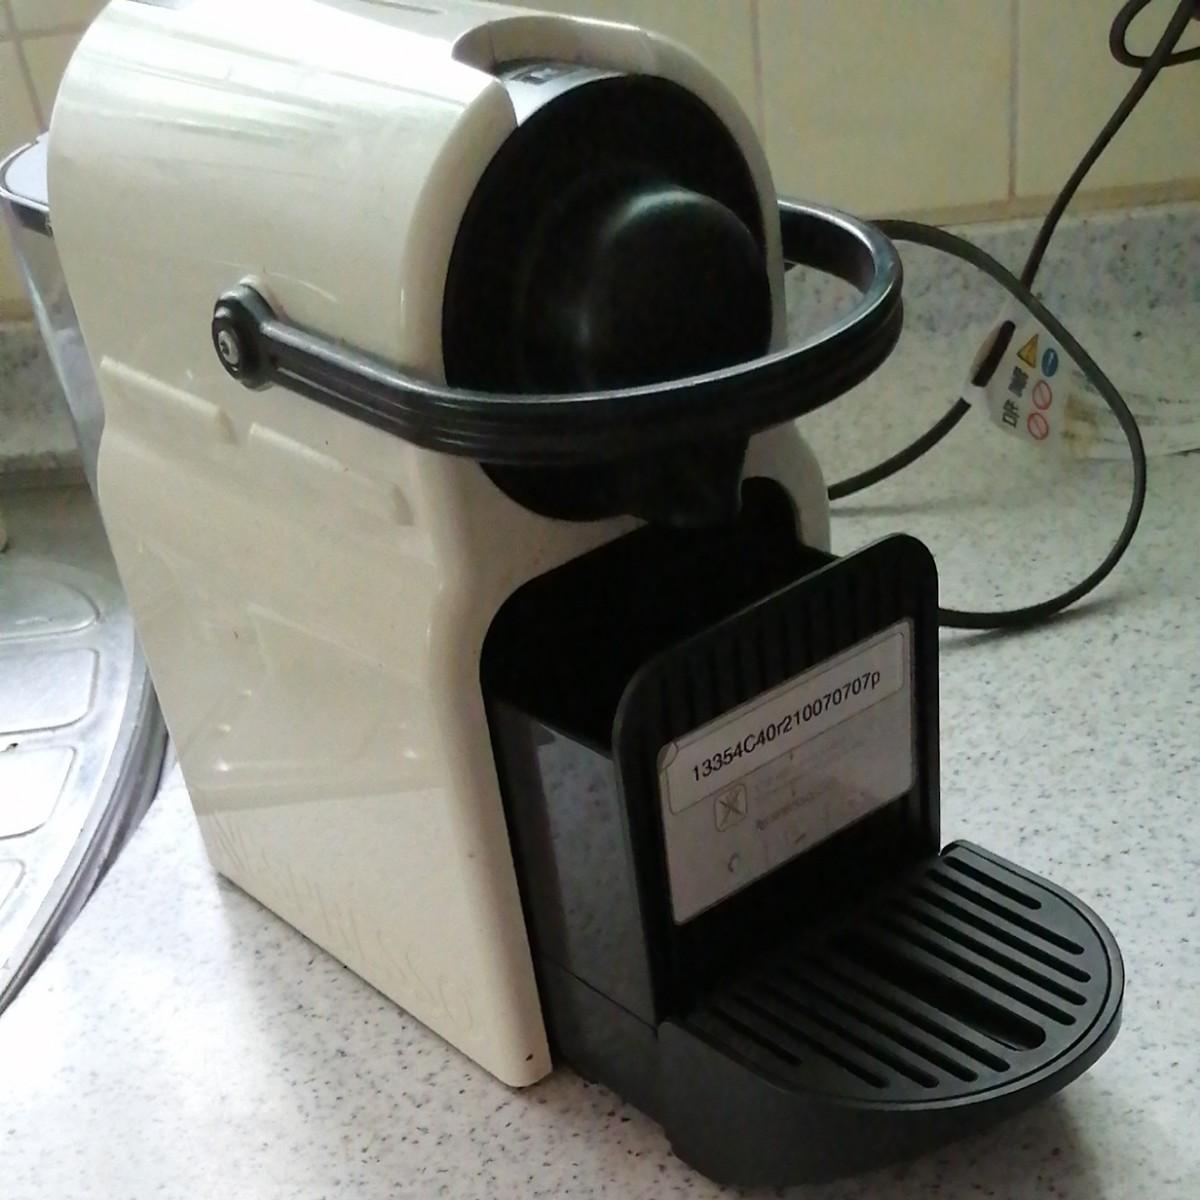 ネスプレッソ コーヒーメーカー